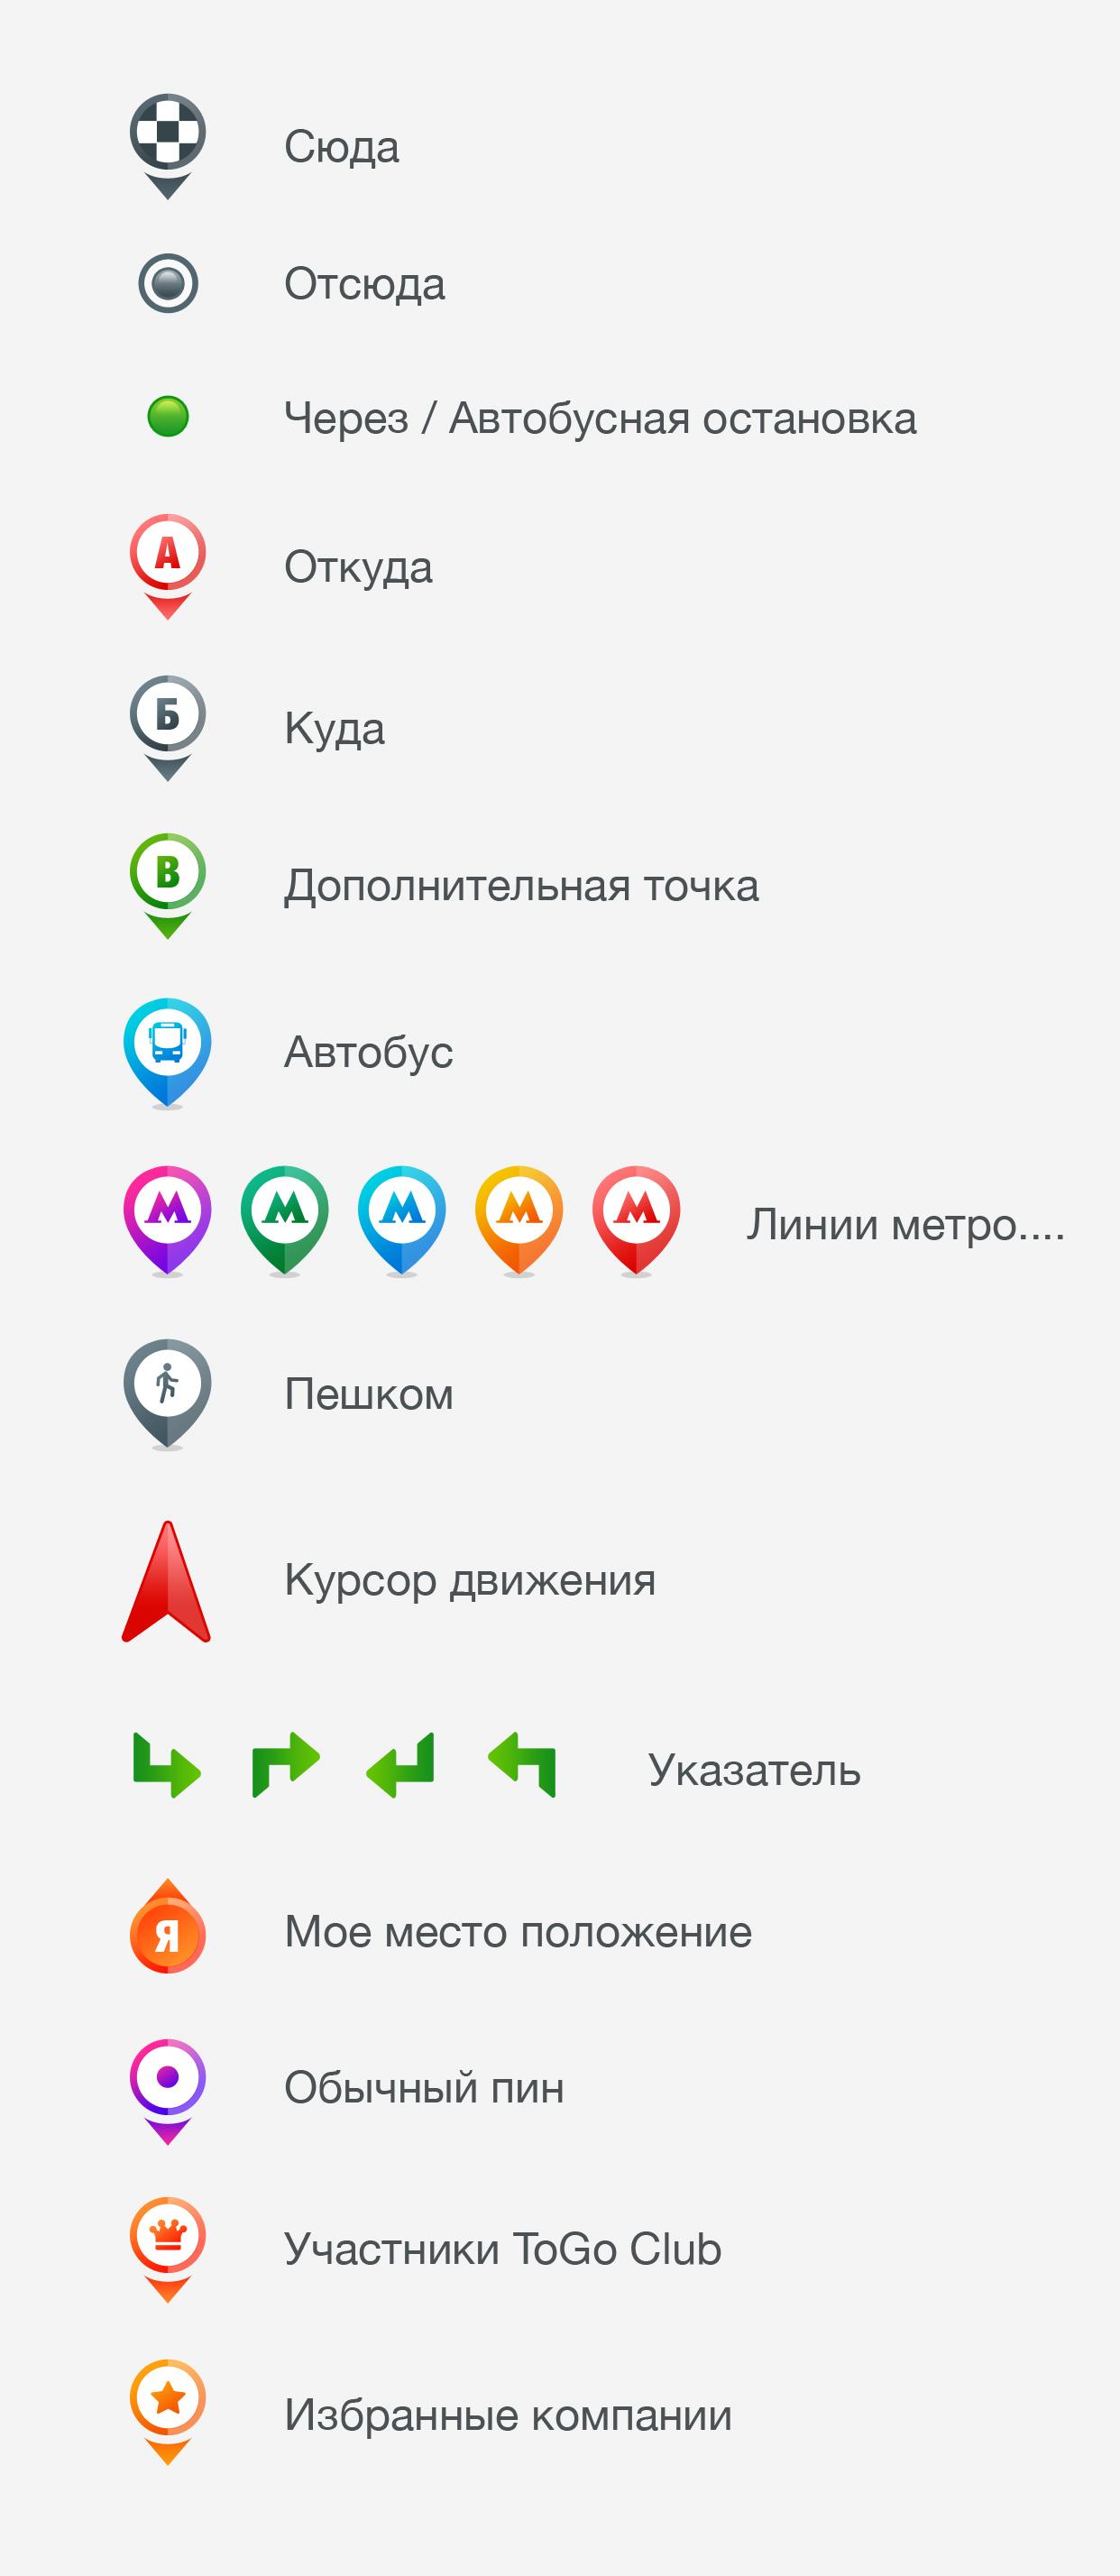 Иконки на карту. фото f_7515b00325c69f79.jpg